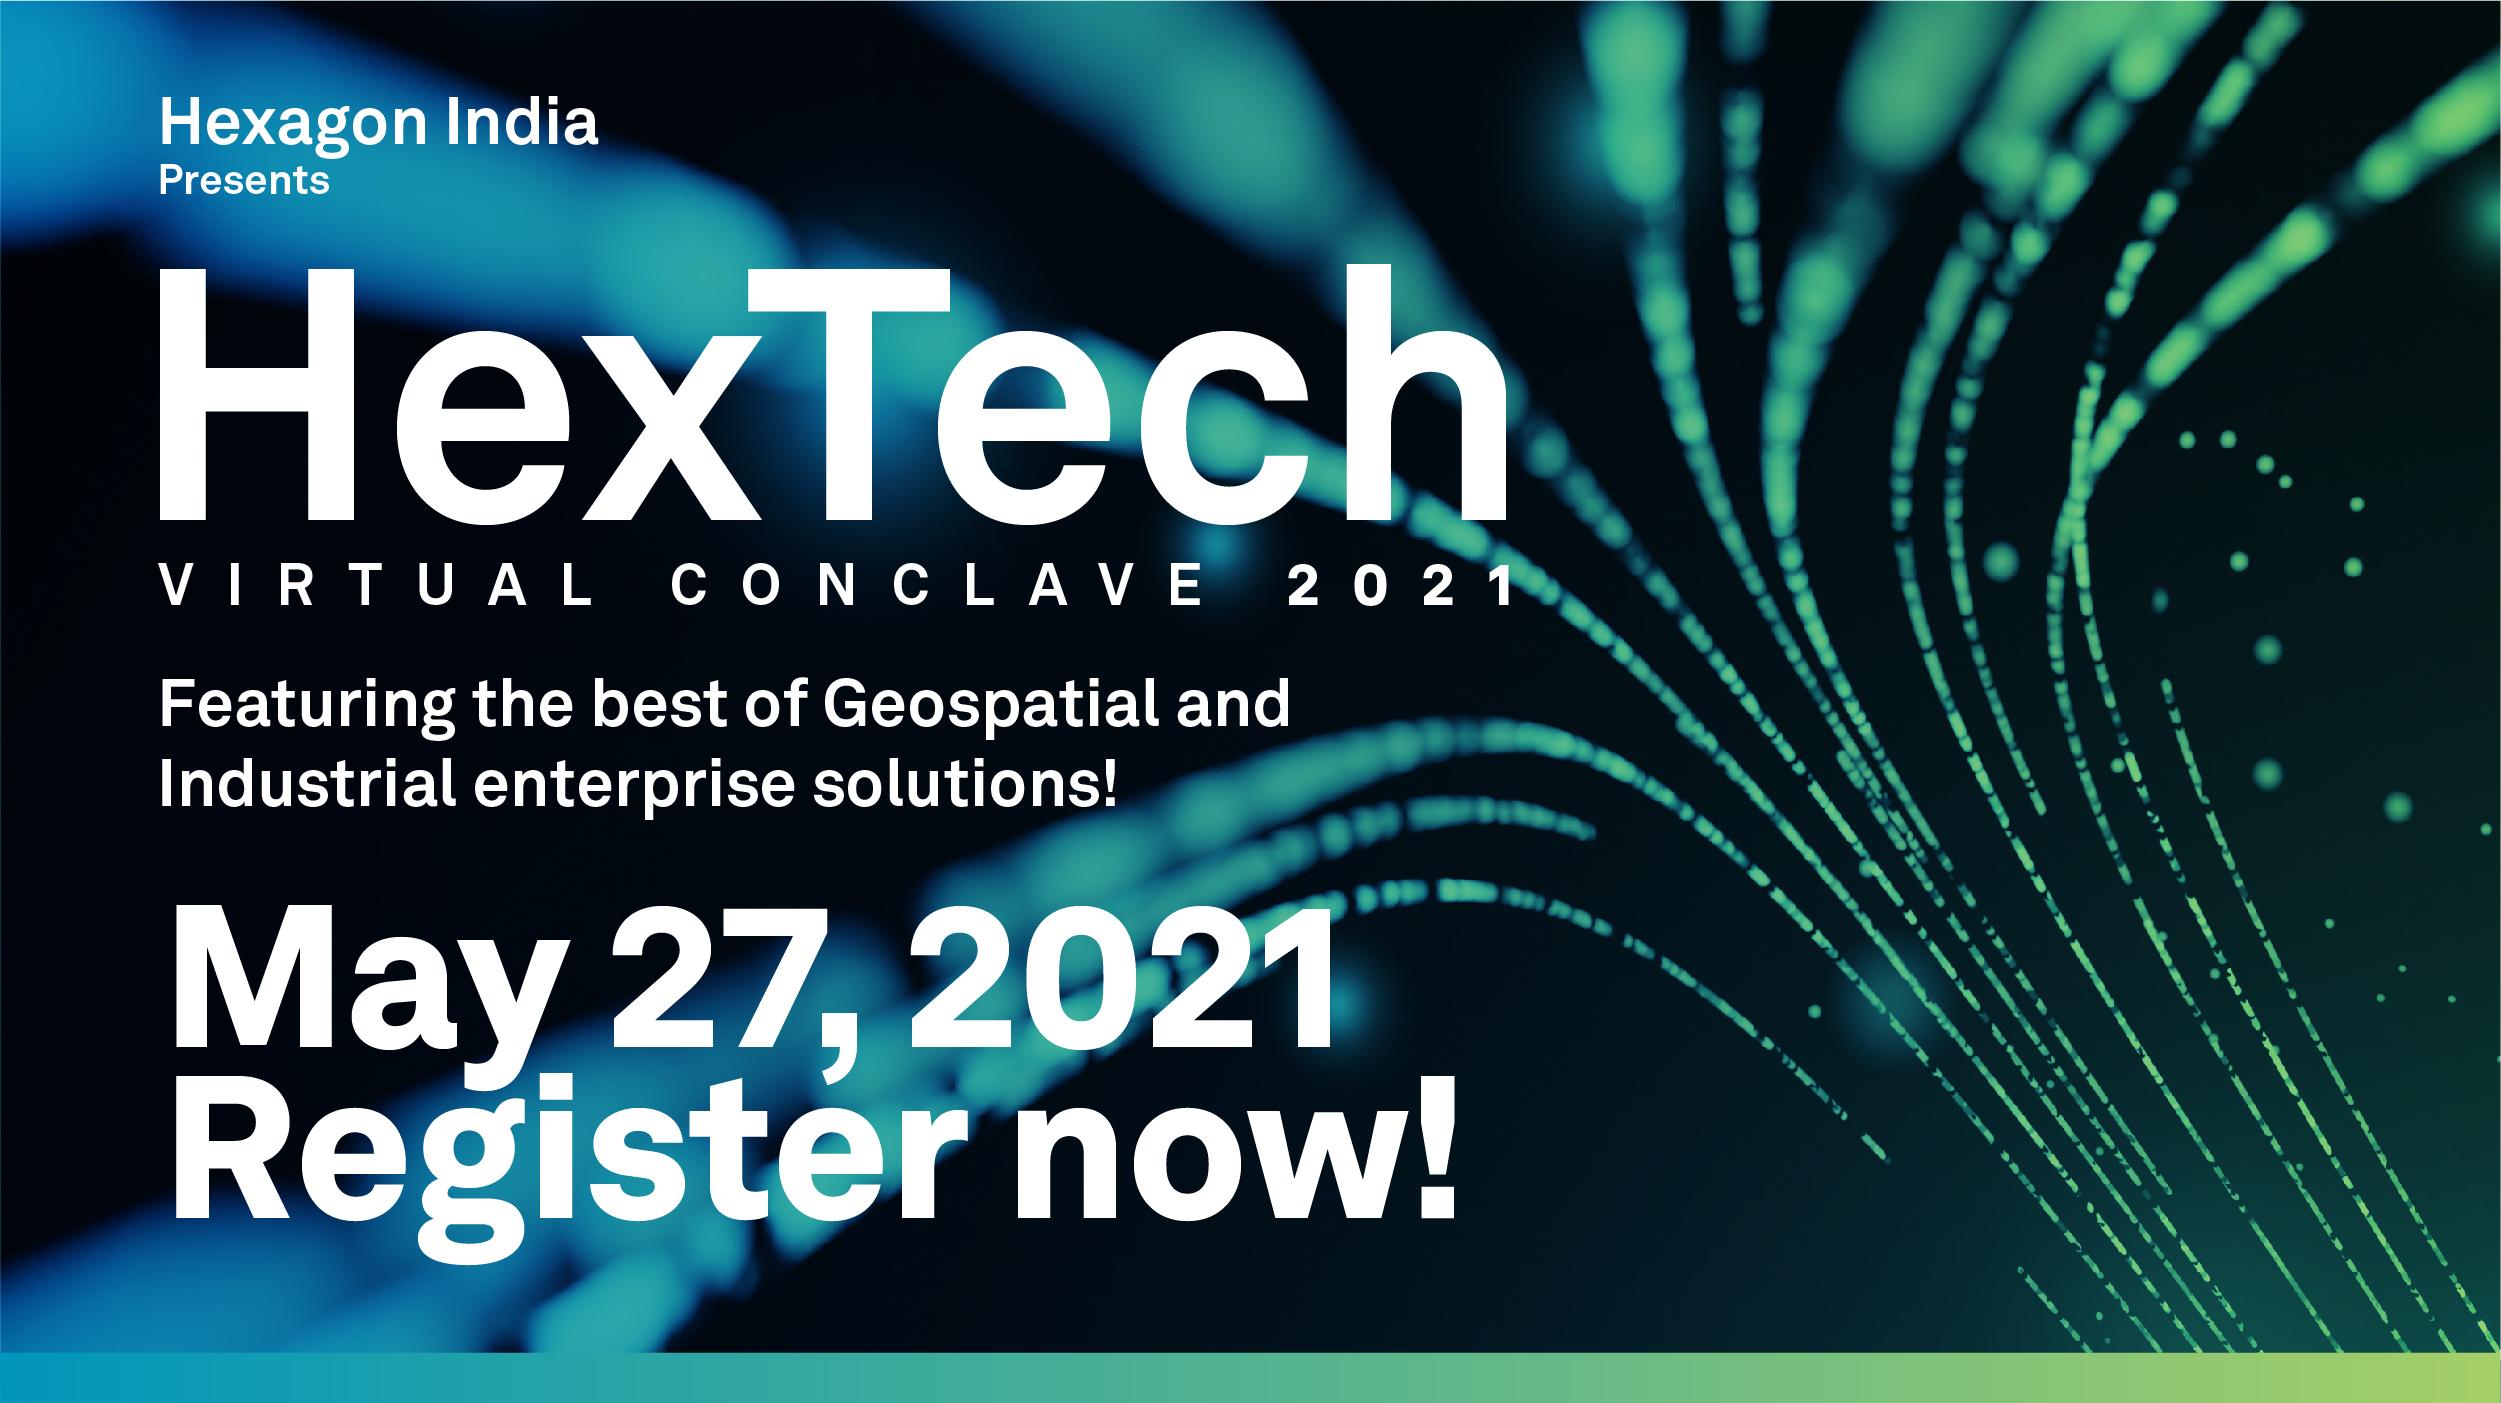 HexTech 2021